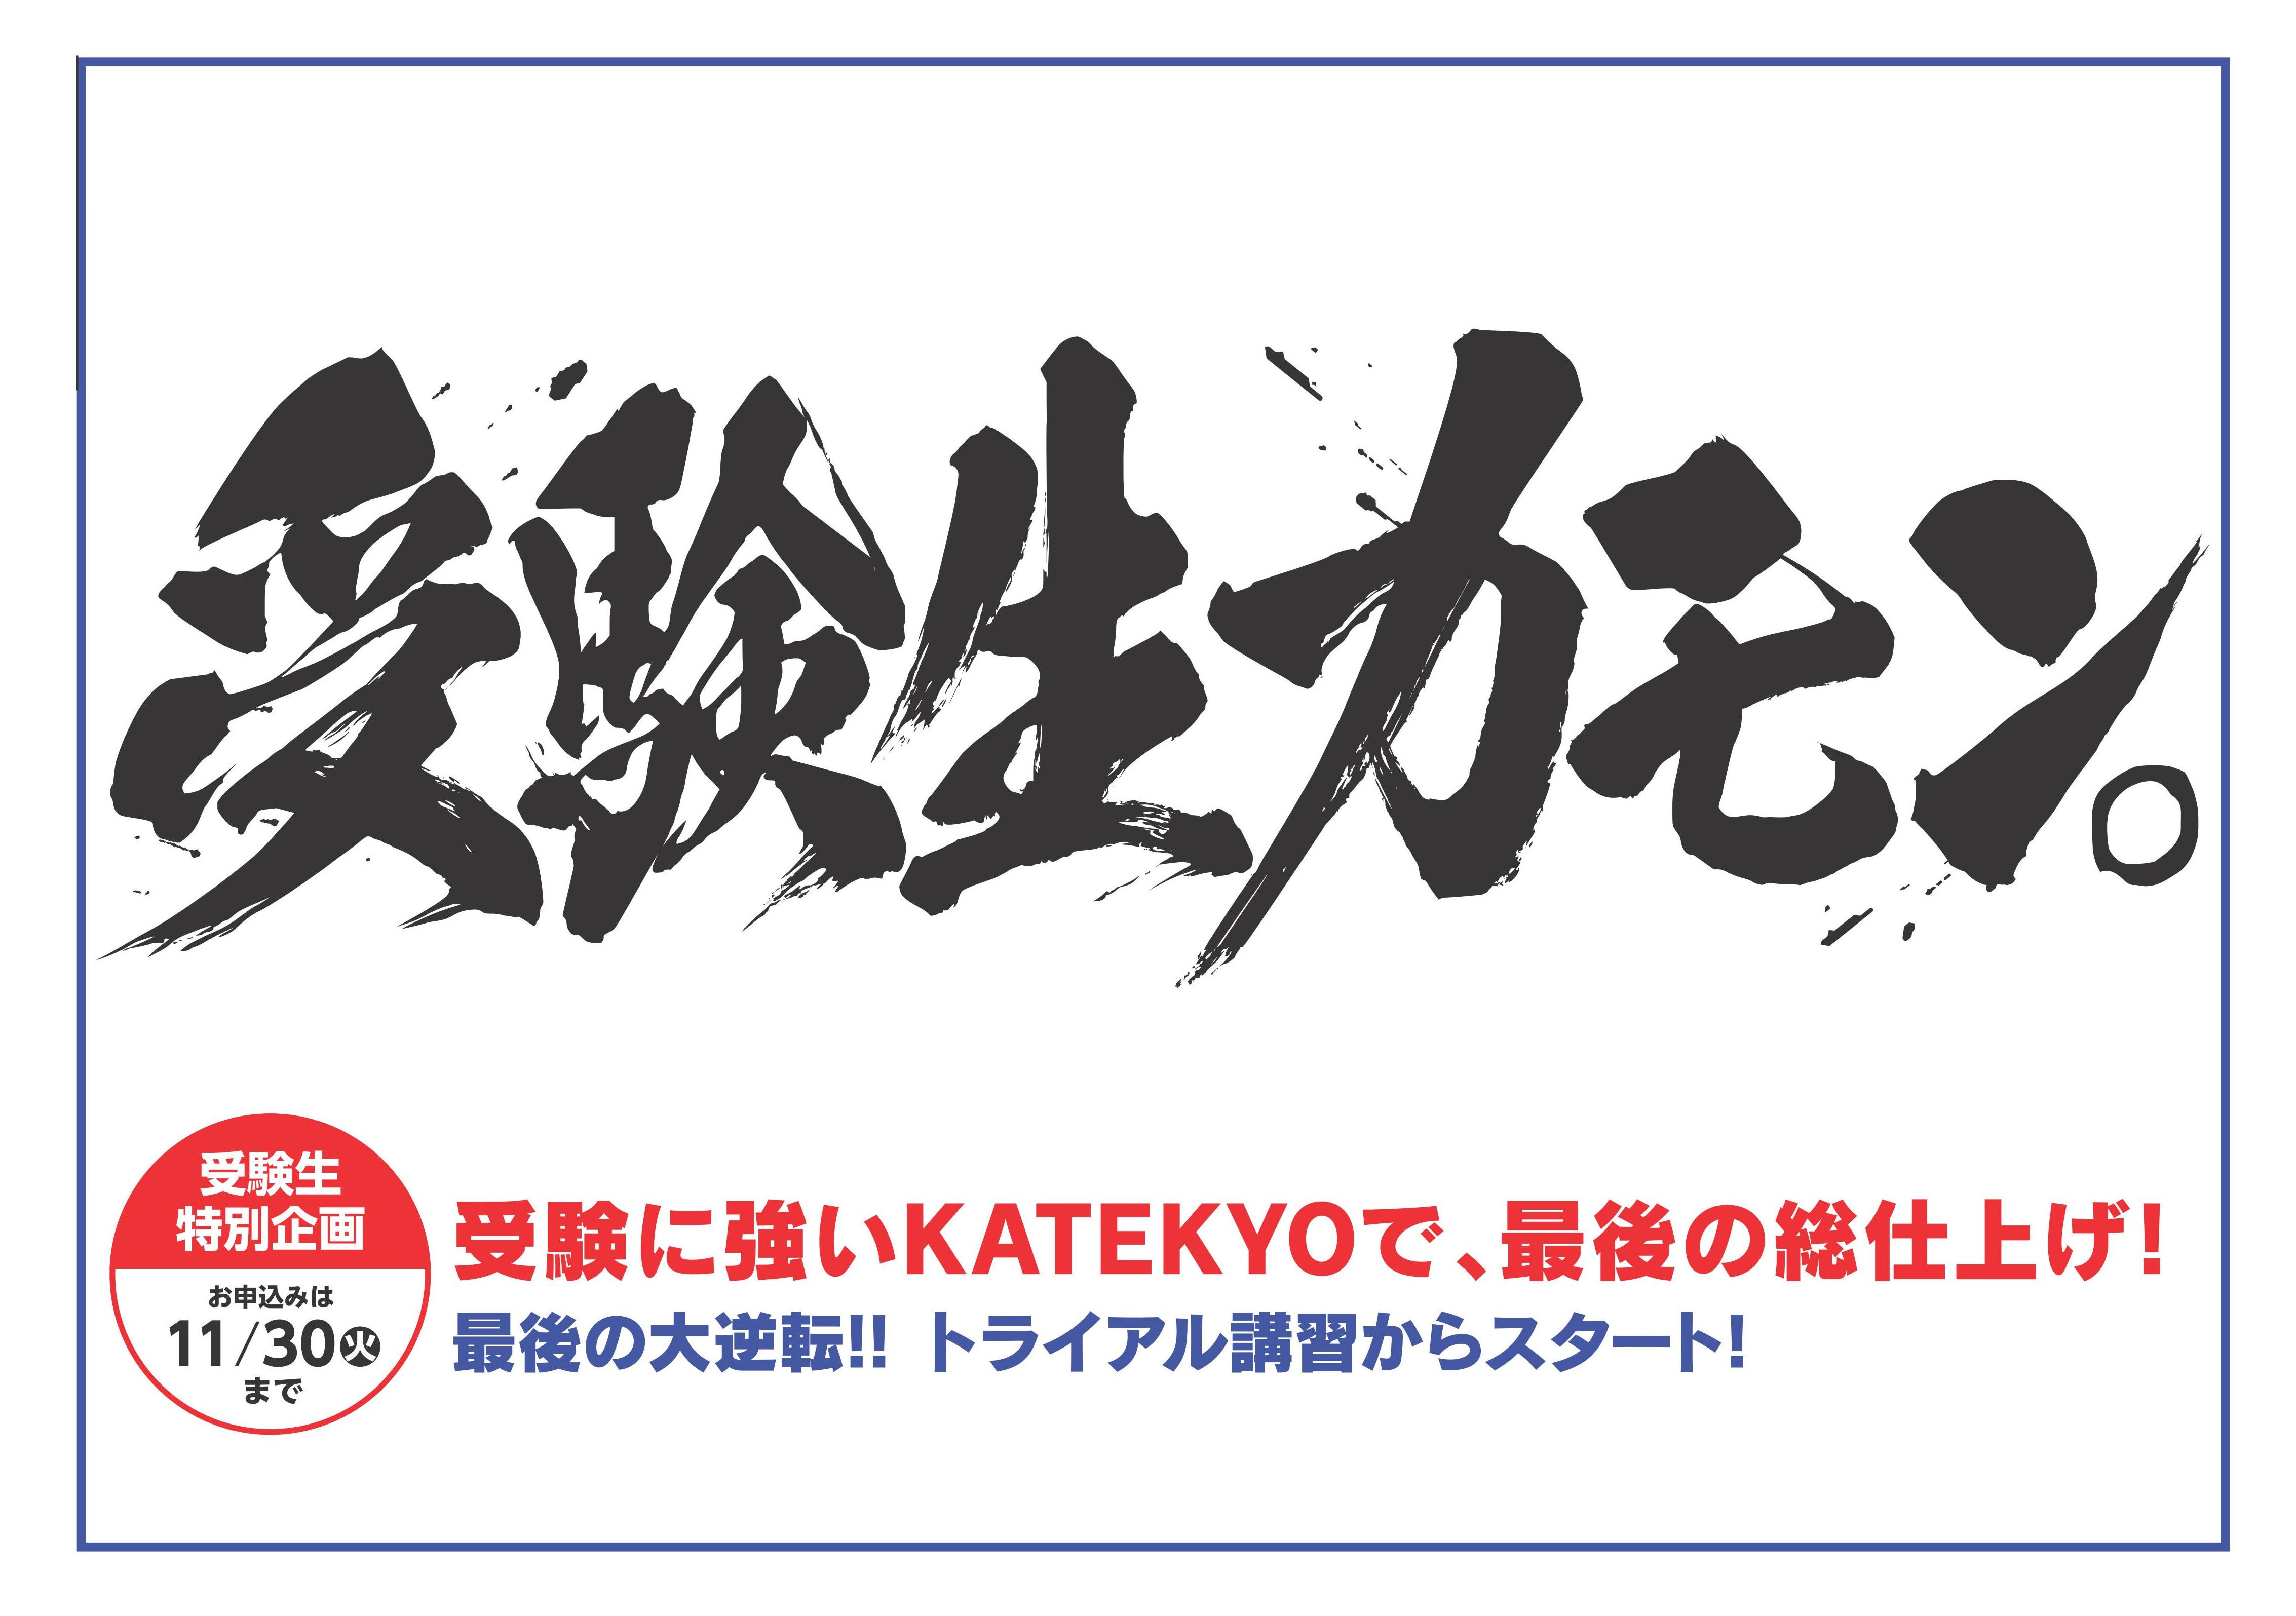 【公式】KATEKYO学院東室蘭駅前校 / 北海道家庭教師協会室蘭事務局 【室蘭市・登別市の個別指導塾・家庭教師派遣】